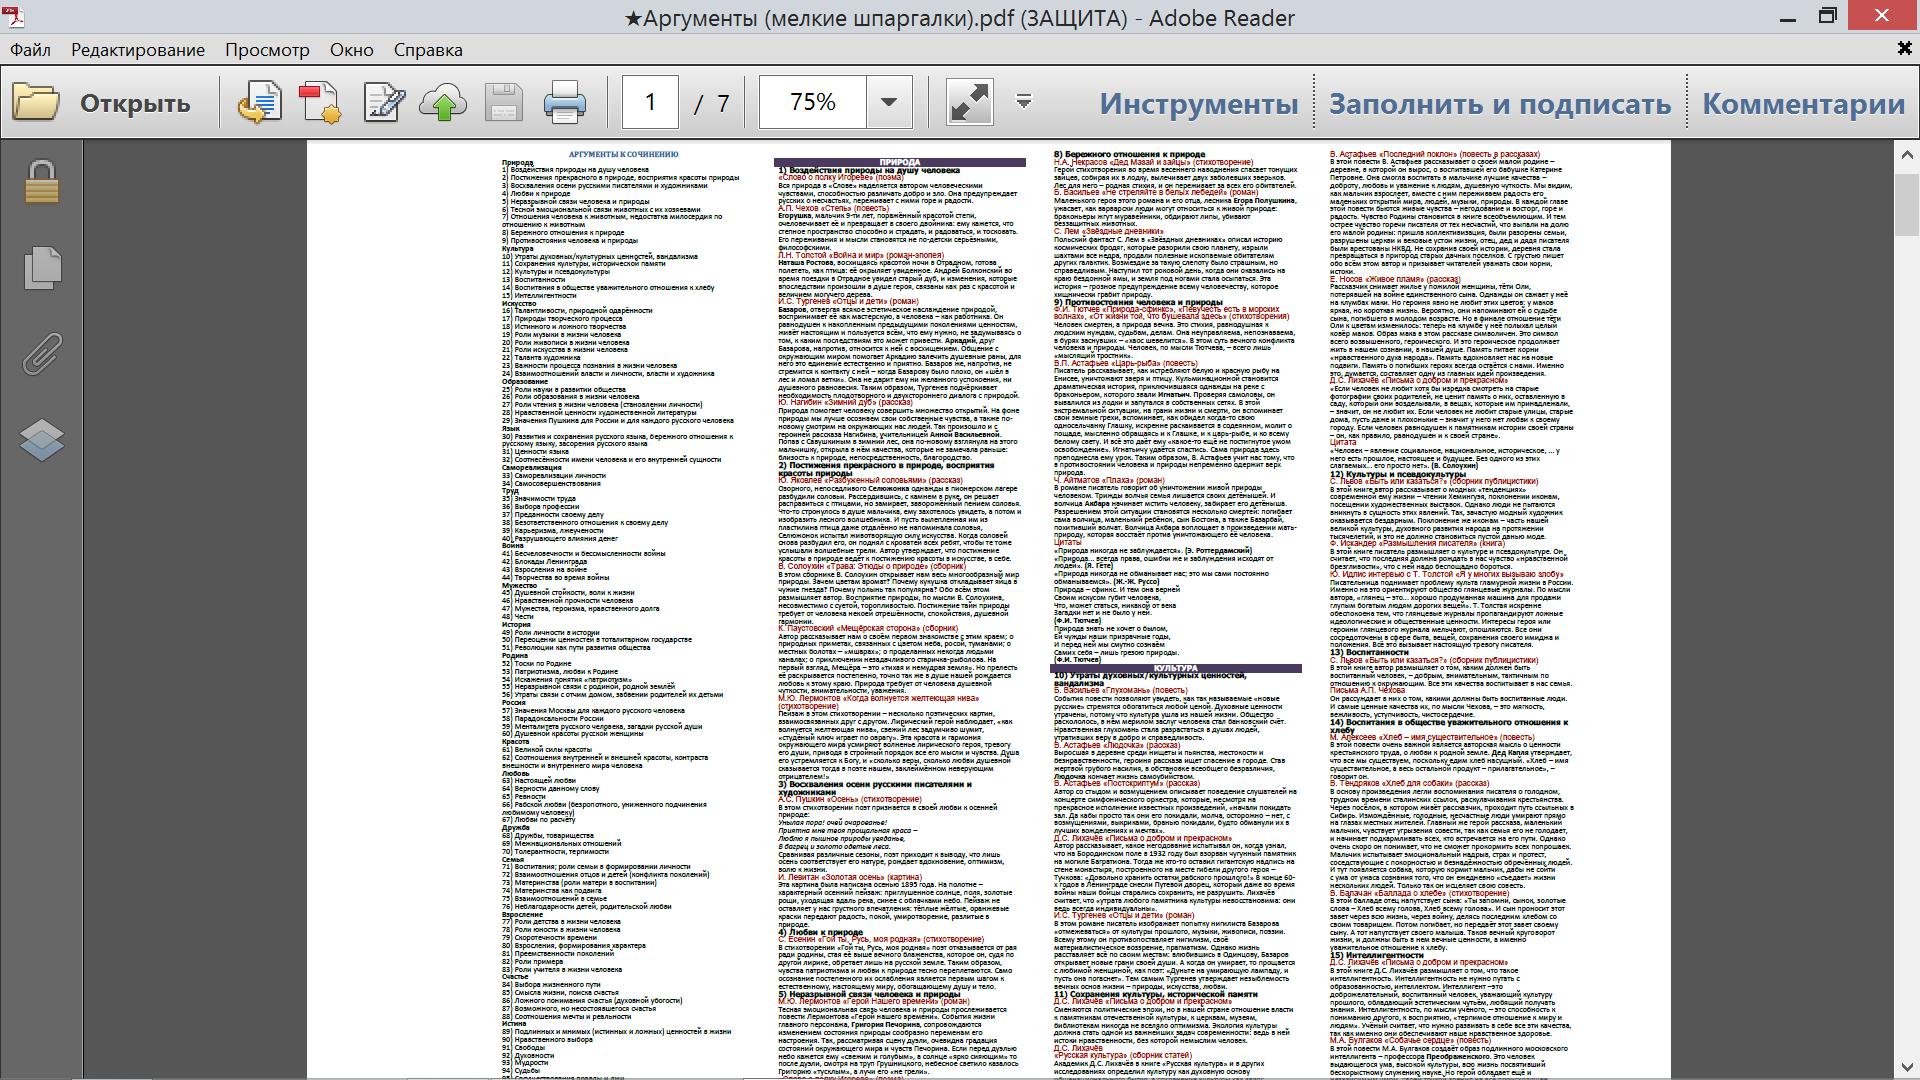 Аргументы для сочинения по русскому языку С1 ЕГЭ 2012